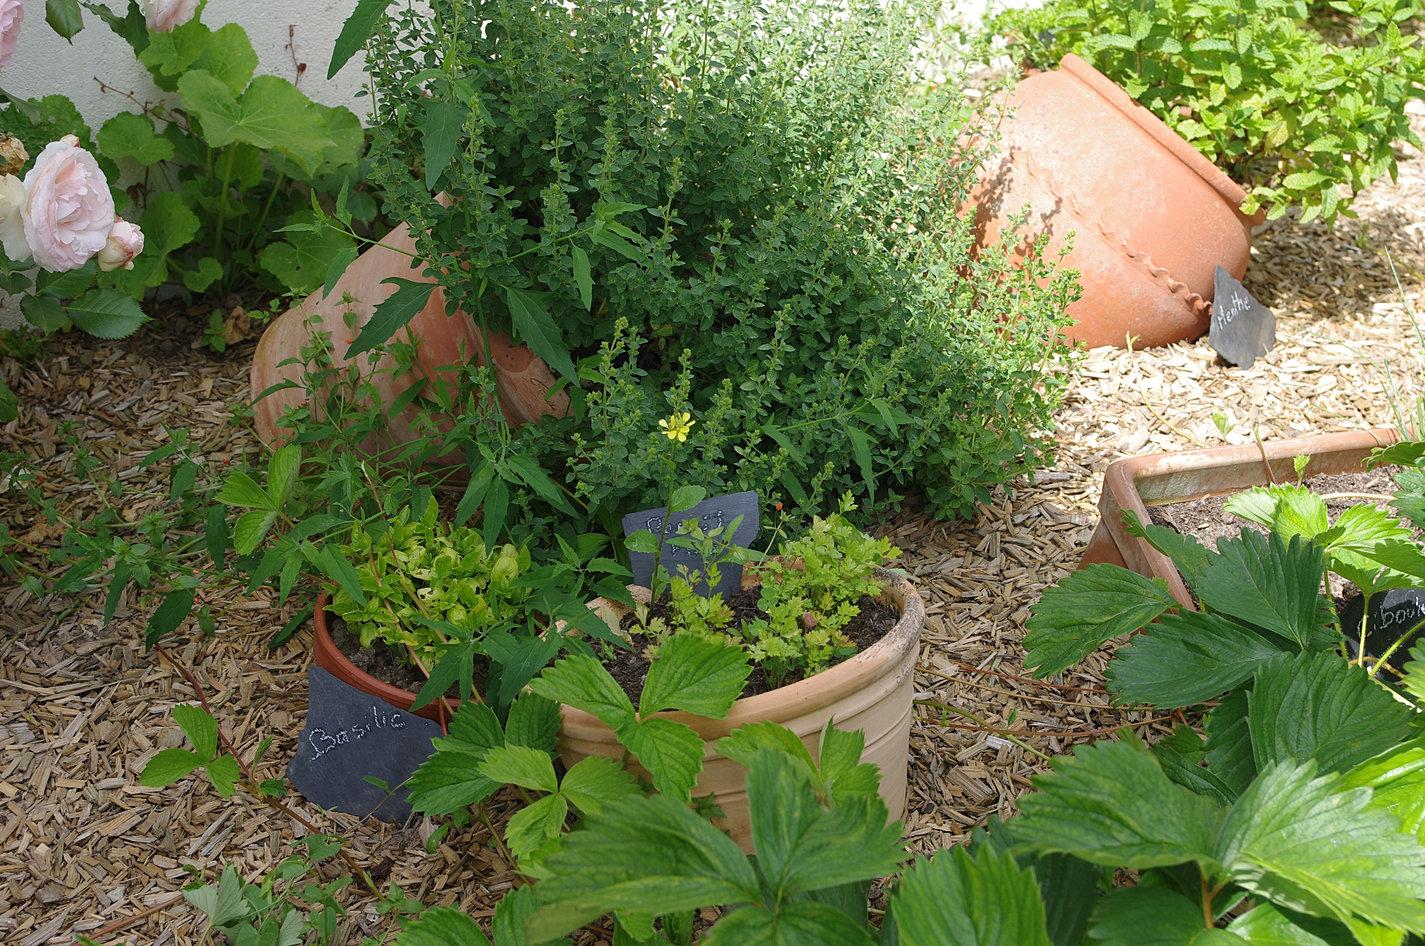 Le jardin des cigognes chambre d 39 h tes insolite en loire atlantique - Jardin romantique definition nantes ...